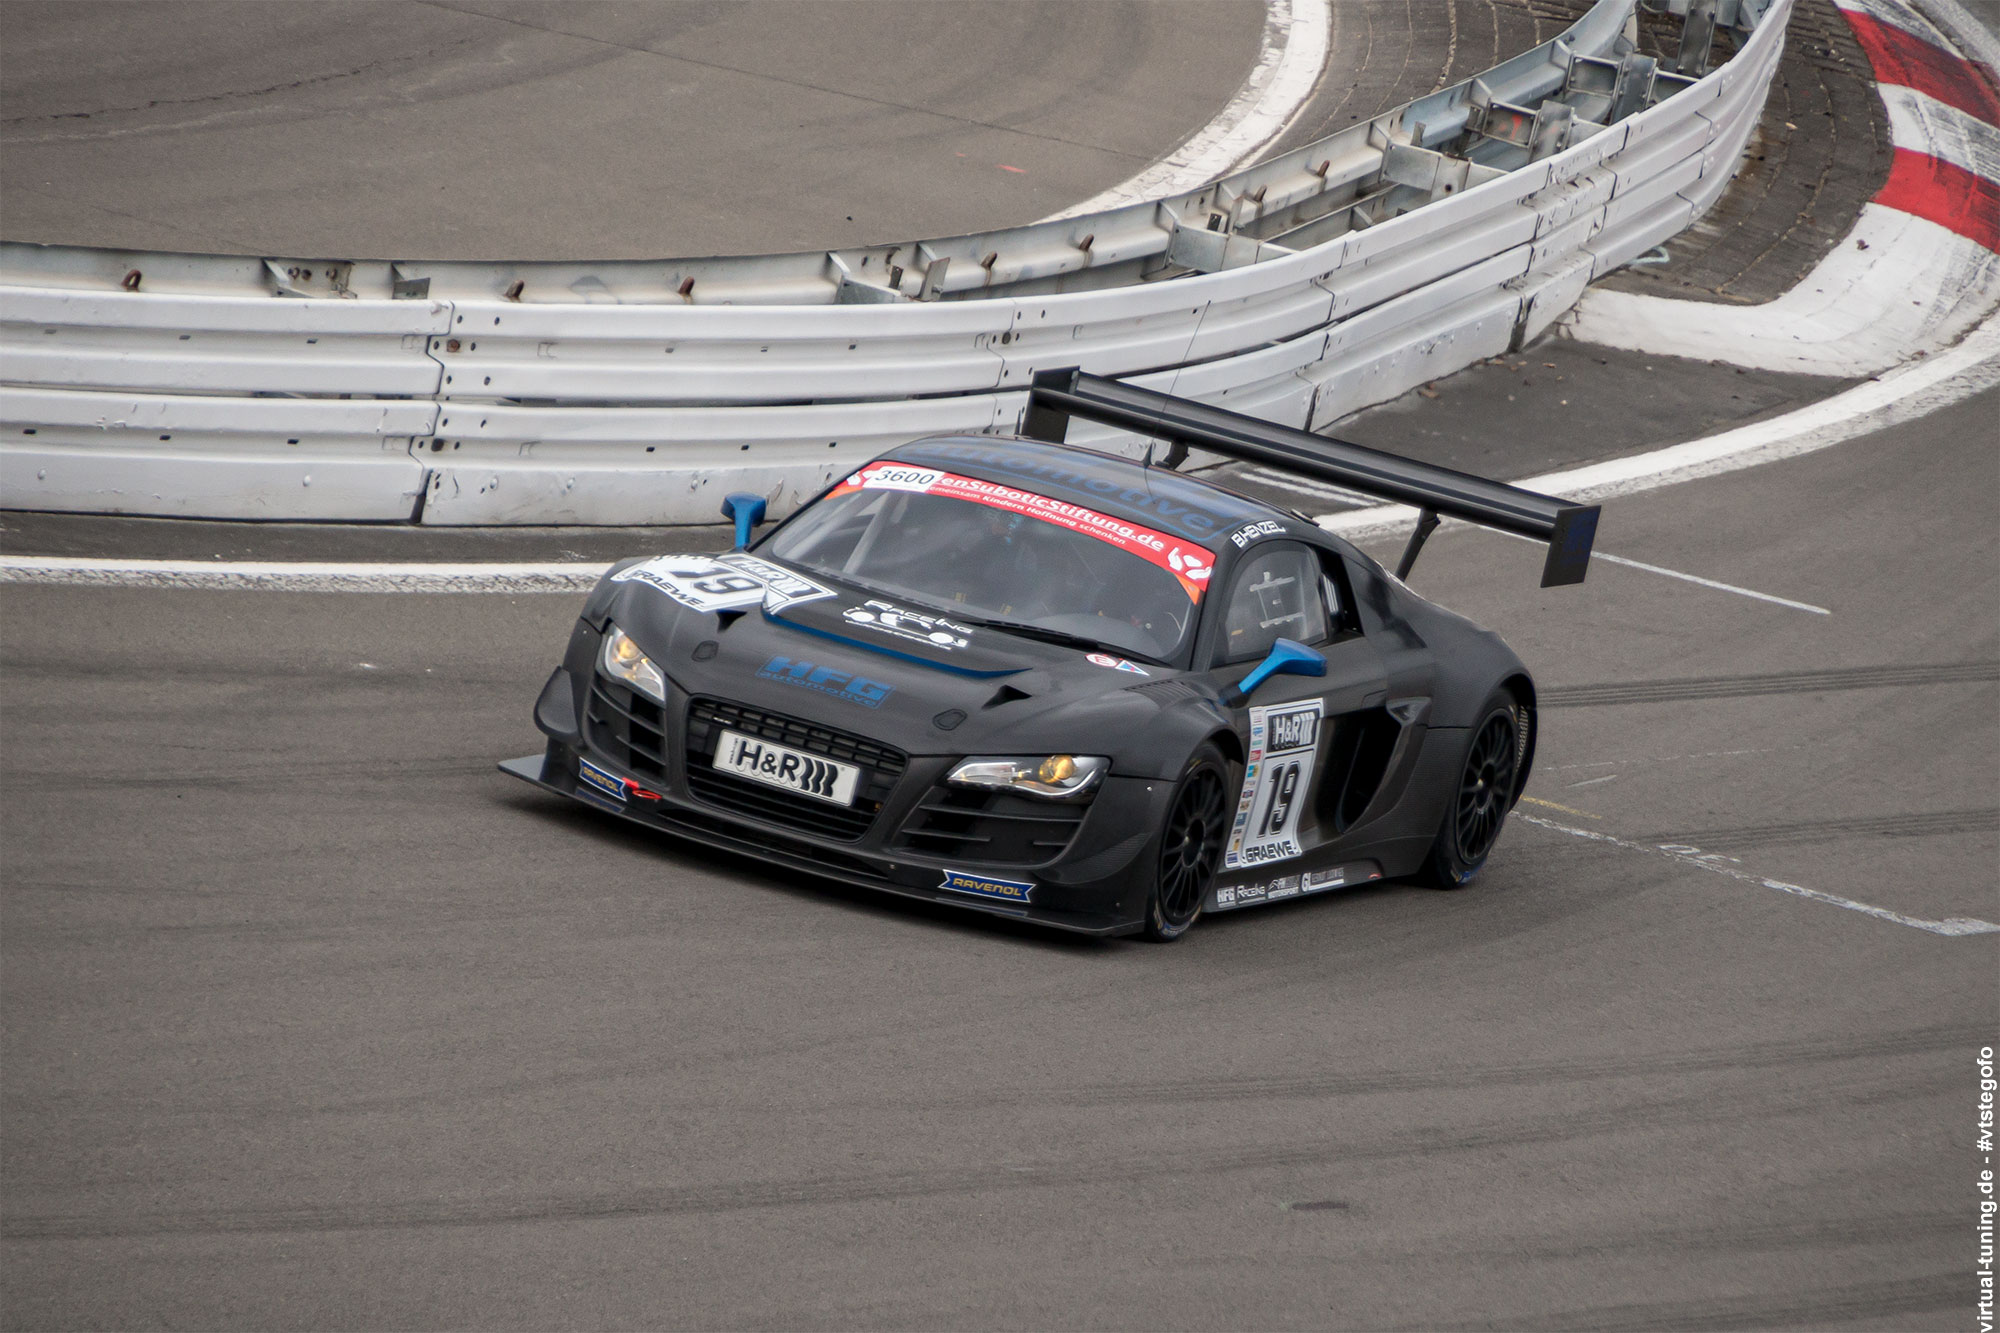 Audi R8 LMS GT3 - Test- und Einstellfahrten am Nürburgring (3.2016)